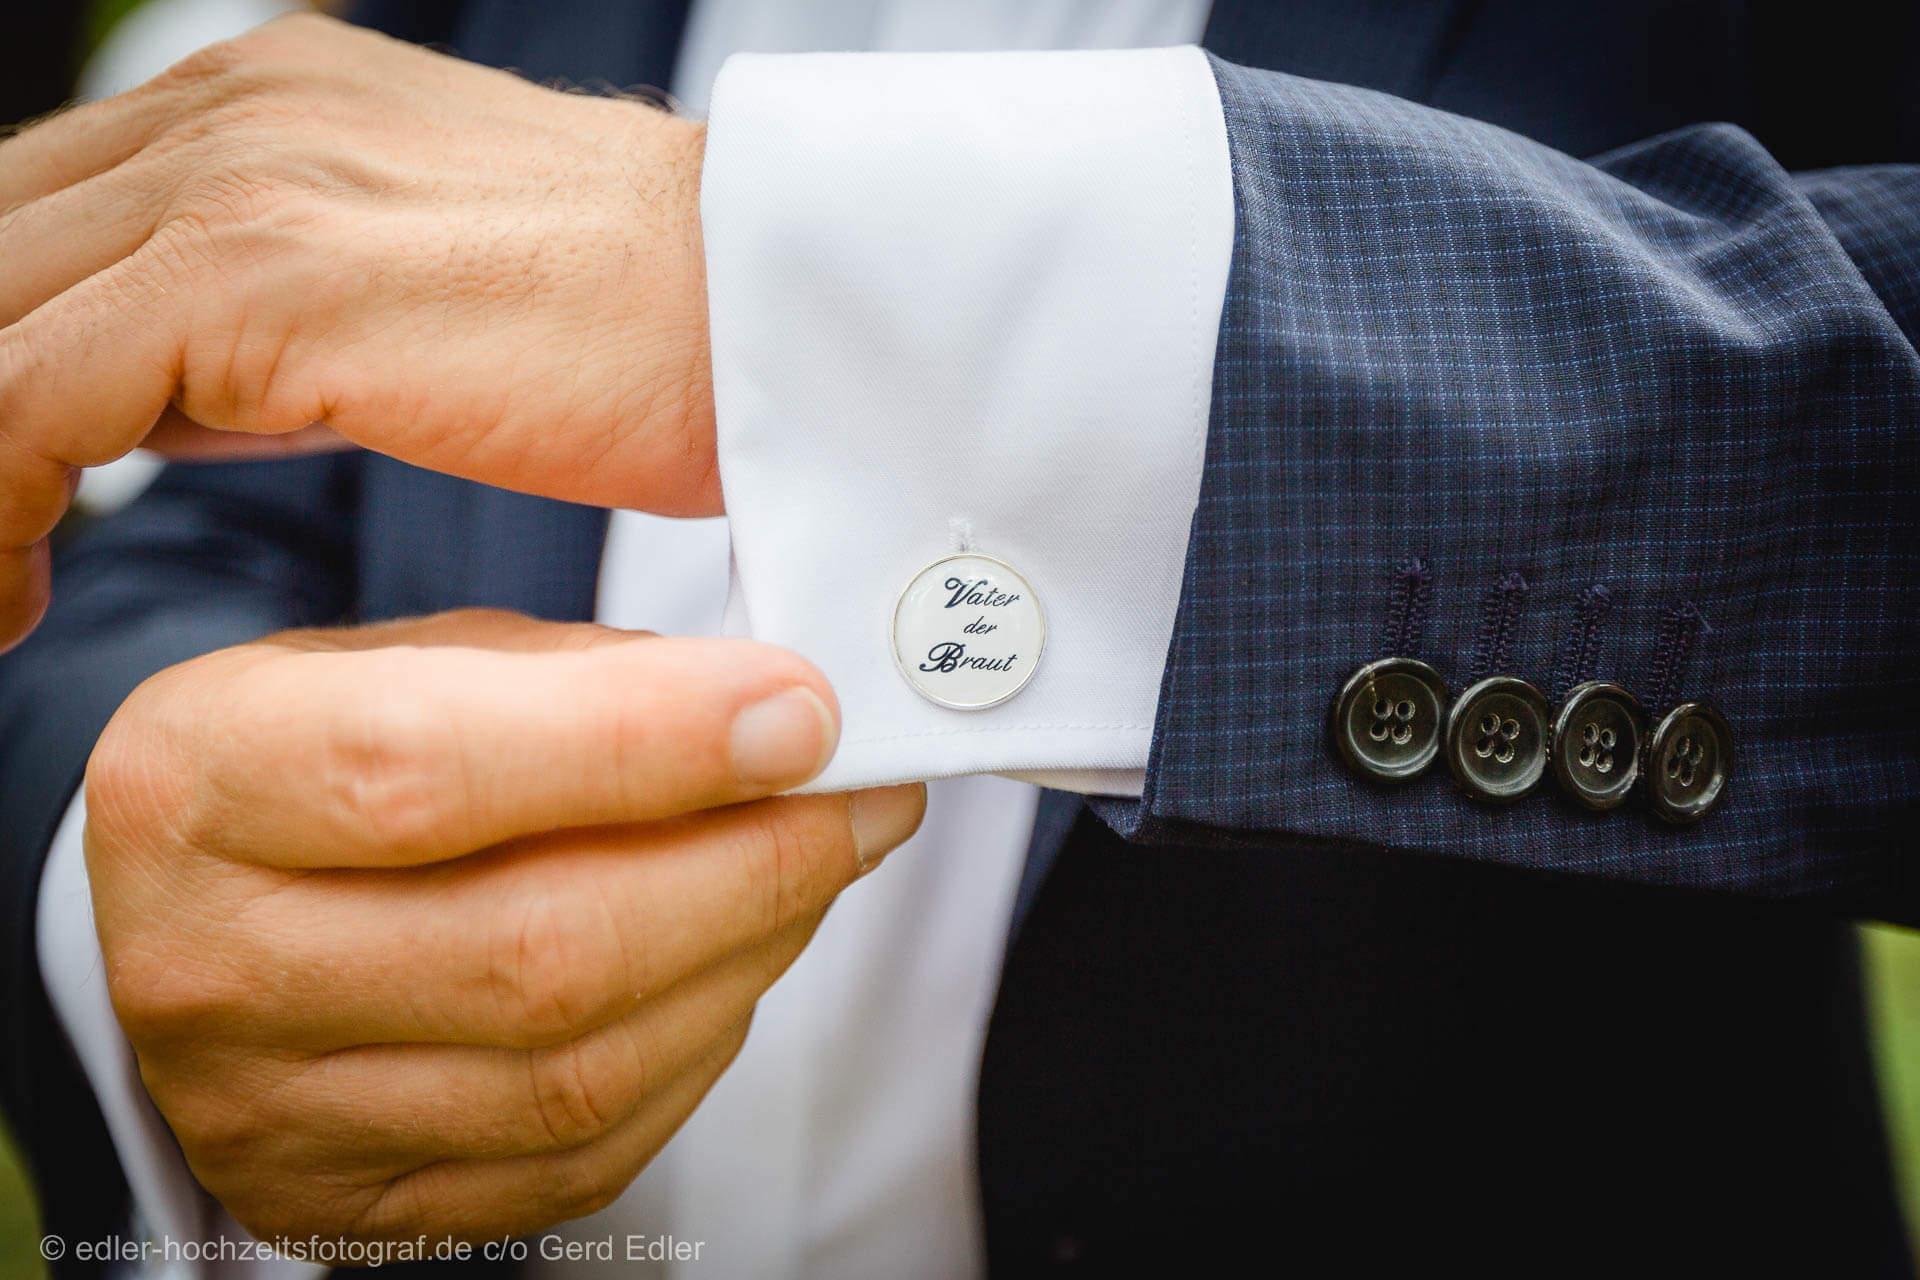 Hochzeitsfotograf - Details Manschettenknöpfe